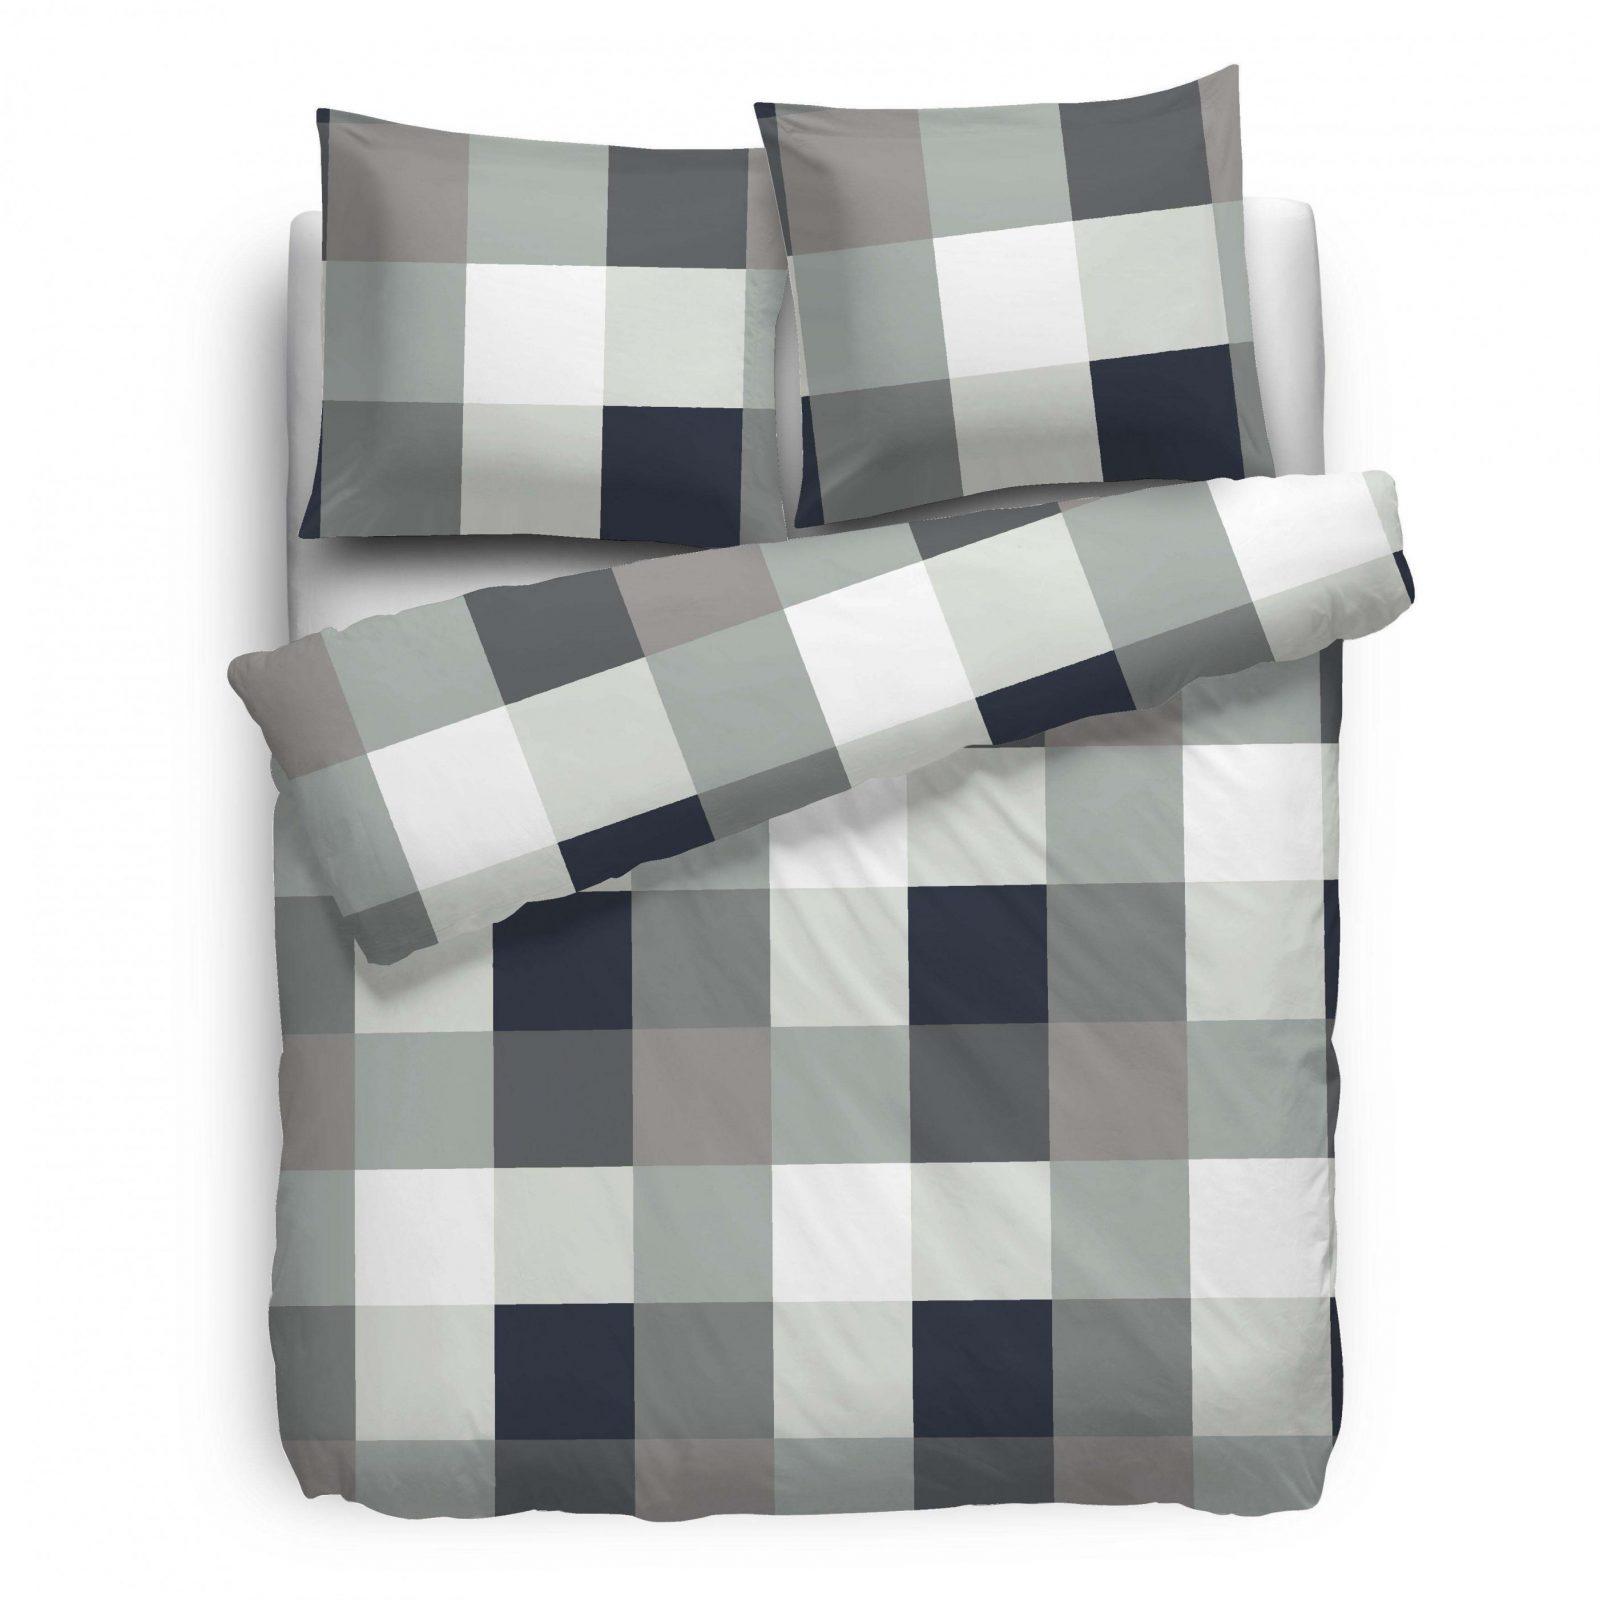 Günstige Bettwäsche > Viele Größen Und Top Designs  Magita von Biber Bettwäsche 220X240 Günstig Photo